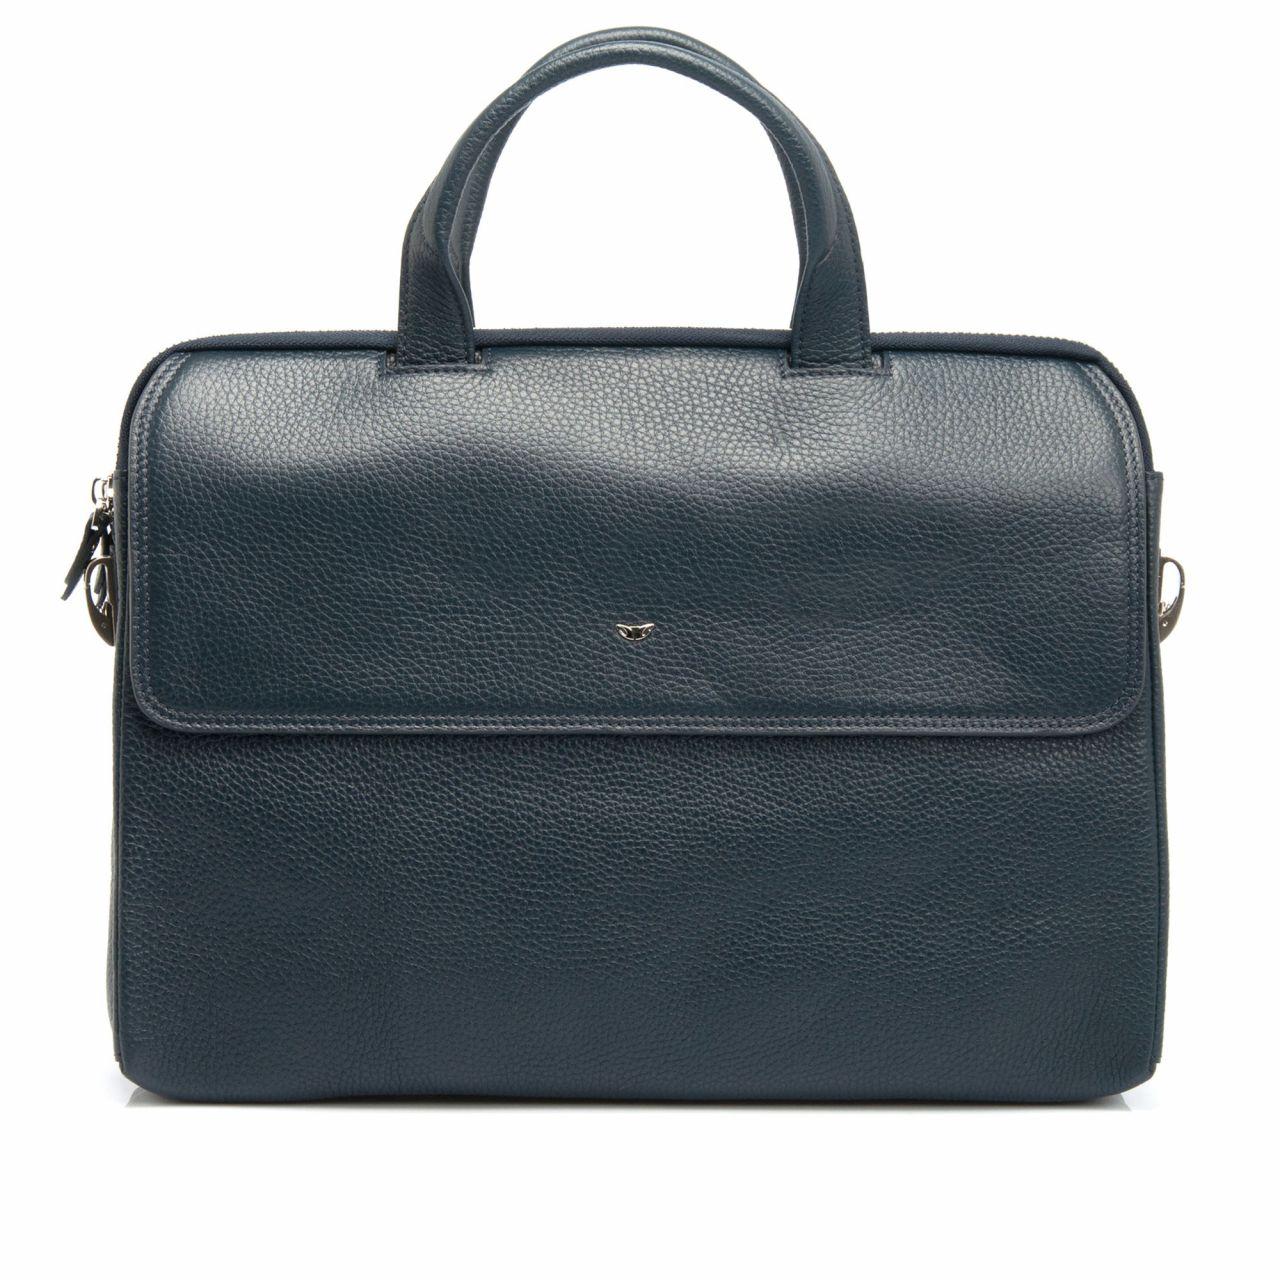 Стилна мъжка чанта от черна телешка кожа